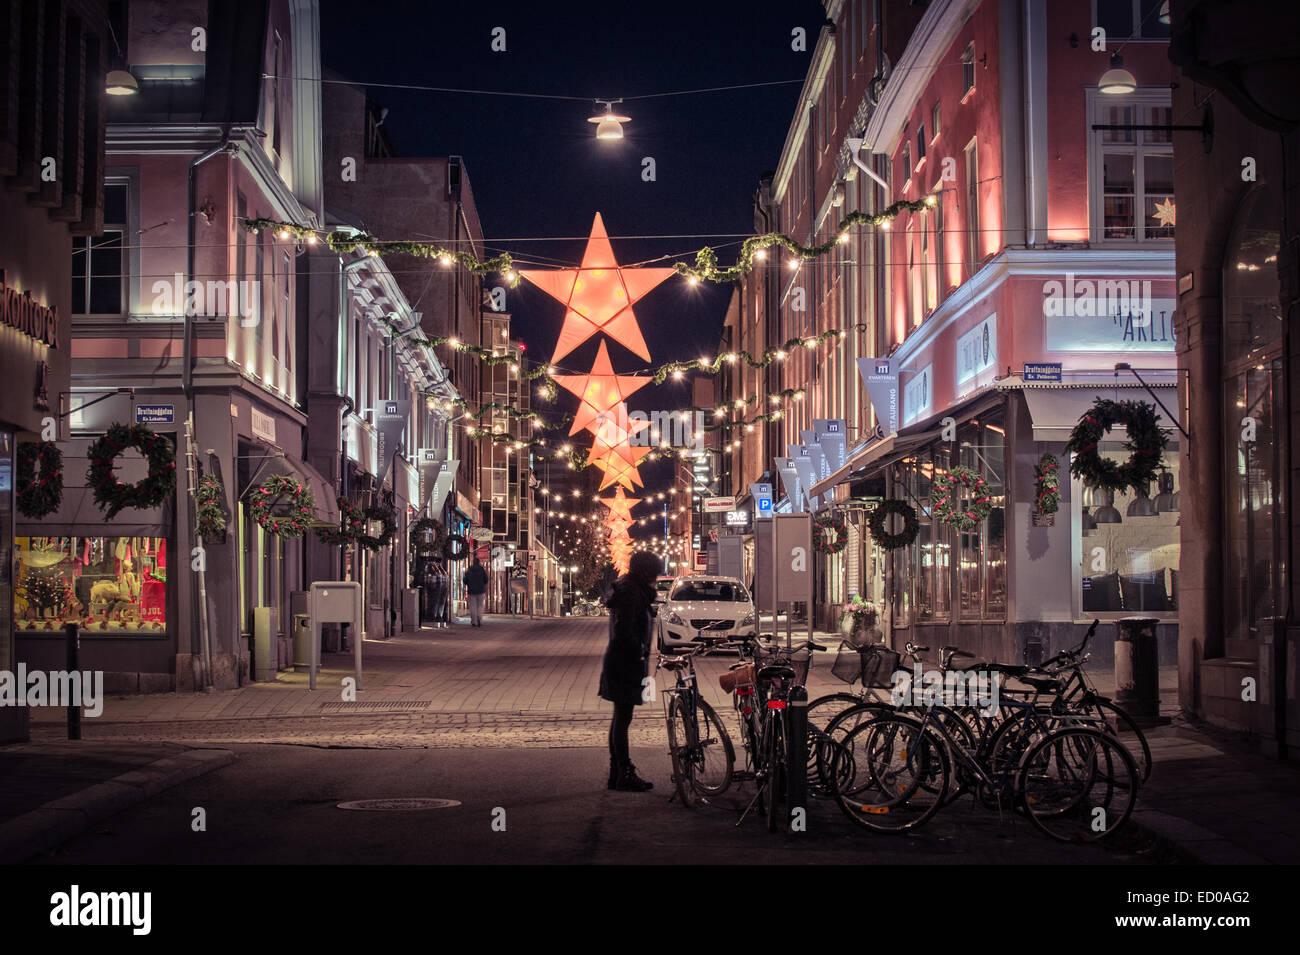 Adornos de Navidad en el centro de la ciudad de Norrkoping, Suecia. Foto de stock